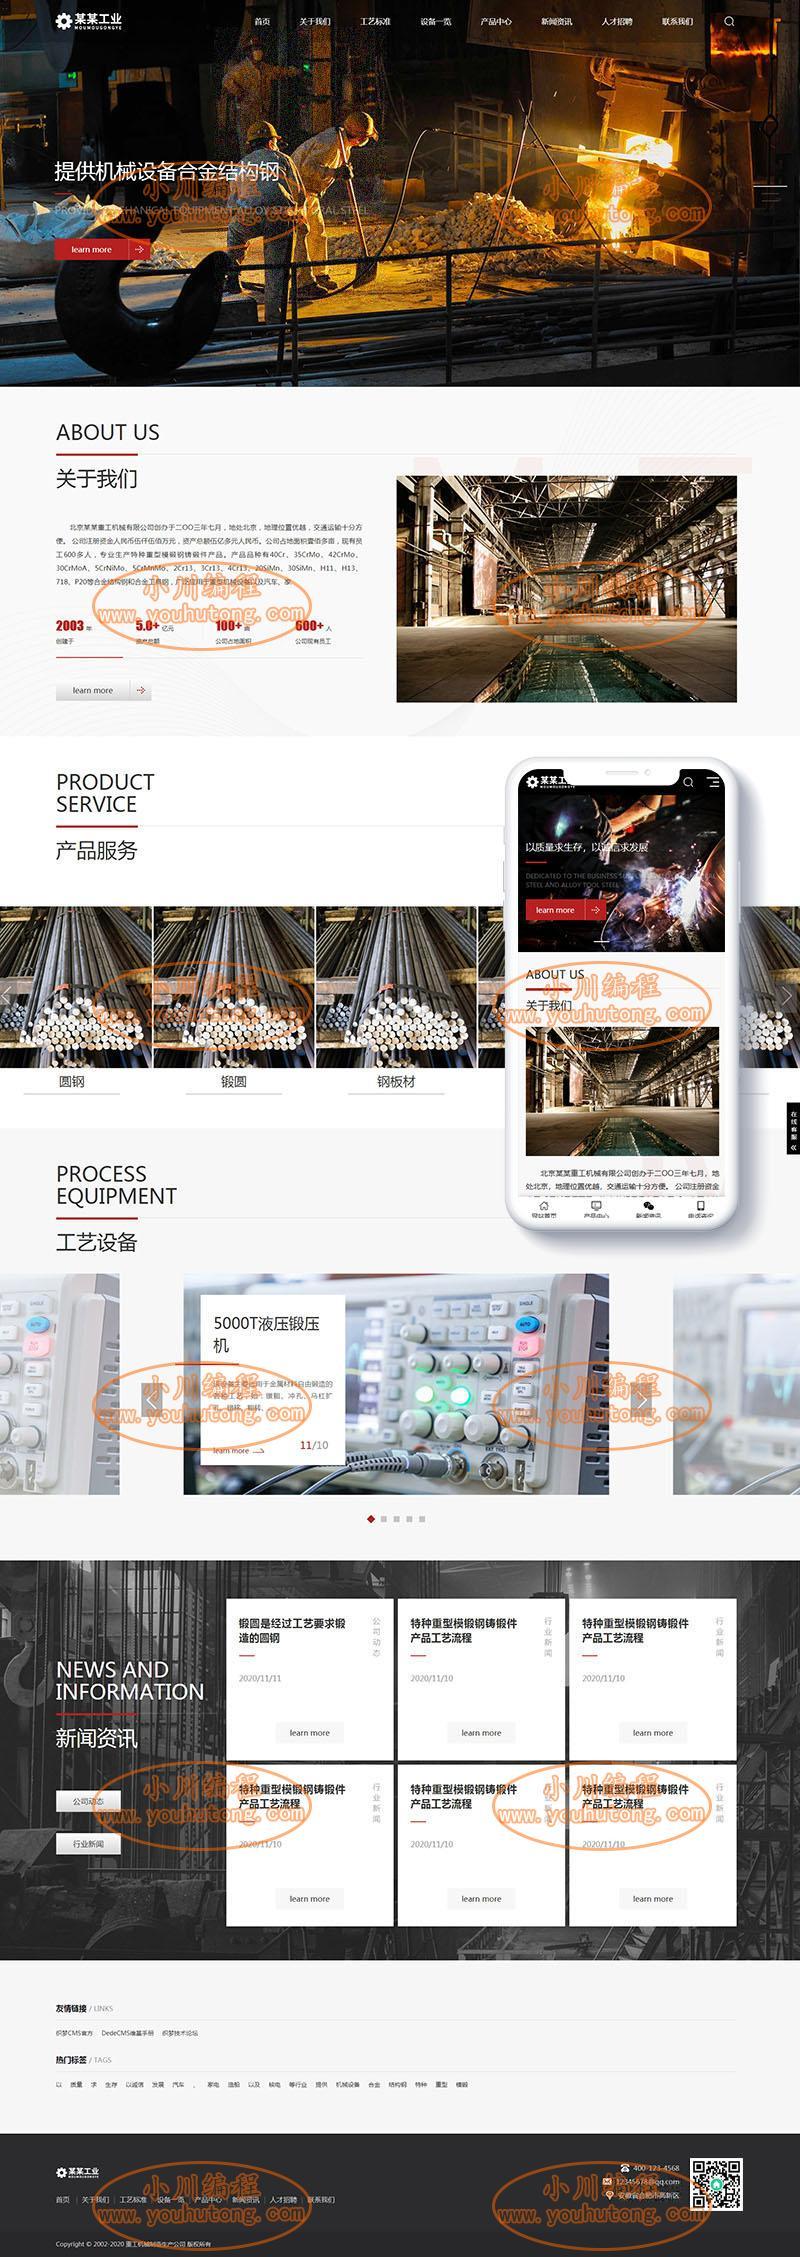 钢铁企业网站织梦源码(织梦网站源码) (https://www.oilcn.net.cn/) 网站运营 第6张